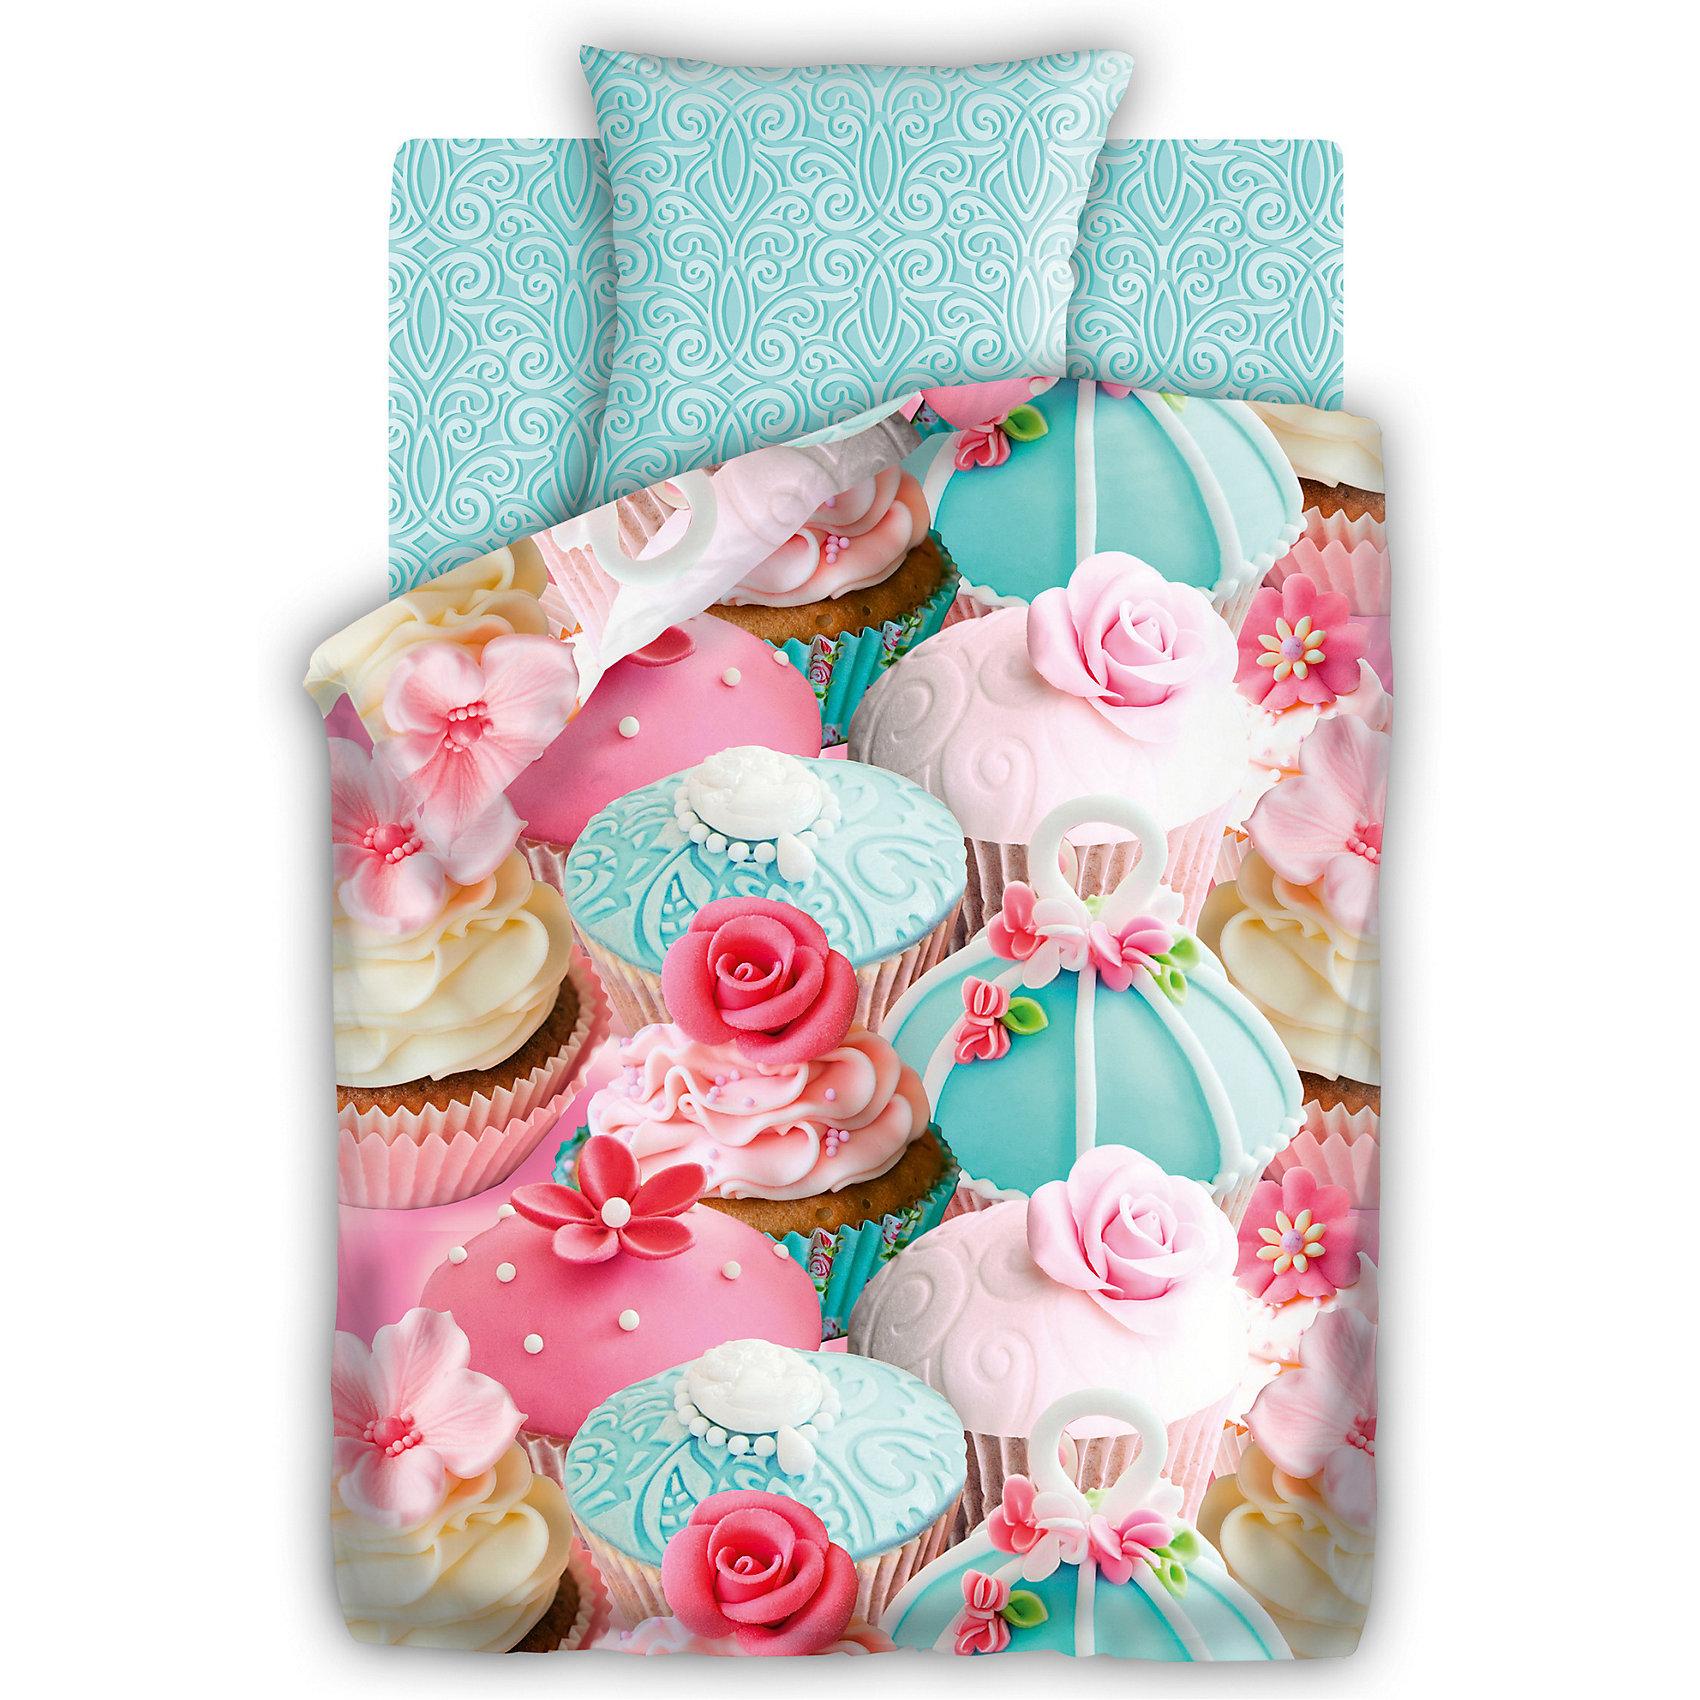 Постельное белье 1,5 бязь 3D, 70*70, FOR YOU, КапкейкКомплект постельного белья 3D Капкейк, For you, с оригинальным стильным дизайном непременно понравится Вашей девочке. Комплект рассчитан на подростков 8-12 лет, выполнен в розовых и мятных тонах и украшен симпатичным принтом в виде аппетитных пирожных. Материал<br>представляет собой качественную плотную бязь, очень комфортную и приятную на ощупь. Ткань отвечает всем экологическим нормам безопасности, дышащая, гипоаллергенная, не нарушает естественные процессы терморегуляции. При стирке белье не линяет, не деформируется и<br>не теряет своих красок даже после многочисленных стирок.<br><br><br>Дополнительная информация:<br><br>- Размер комплекта: полутораспальный.<br>- Тип ткани: бязь (100% хлопок).<br>- В комплекте: 1 наволочка, 1 пододеяльник и 1 простыня.<br>- Размер пододеяльника: 215 х 143 см.<br>- Размер наволочки: 70 х 70 см.<br>- Размер простыни: 214 х 150 см.<br>- Размер упаковки: 25 х 7 х 35 см.<br>- Вес: 2,3 кг. <br><br>Комплект 3D Капкейк, 1,5 спальный, For you, можно приобрести в нашем интернет-магазине.<br><br>Ширина мм: 250<br>Глубина мм: 350<br>Высота мм: 70<br>Вес г: 2300<br>Возраст от месяцев: 36<br>Возраст до месяцев: 204<br>Пол: Женский<br>Возраст: Детский<br>SKU: 4053631